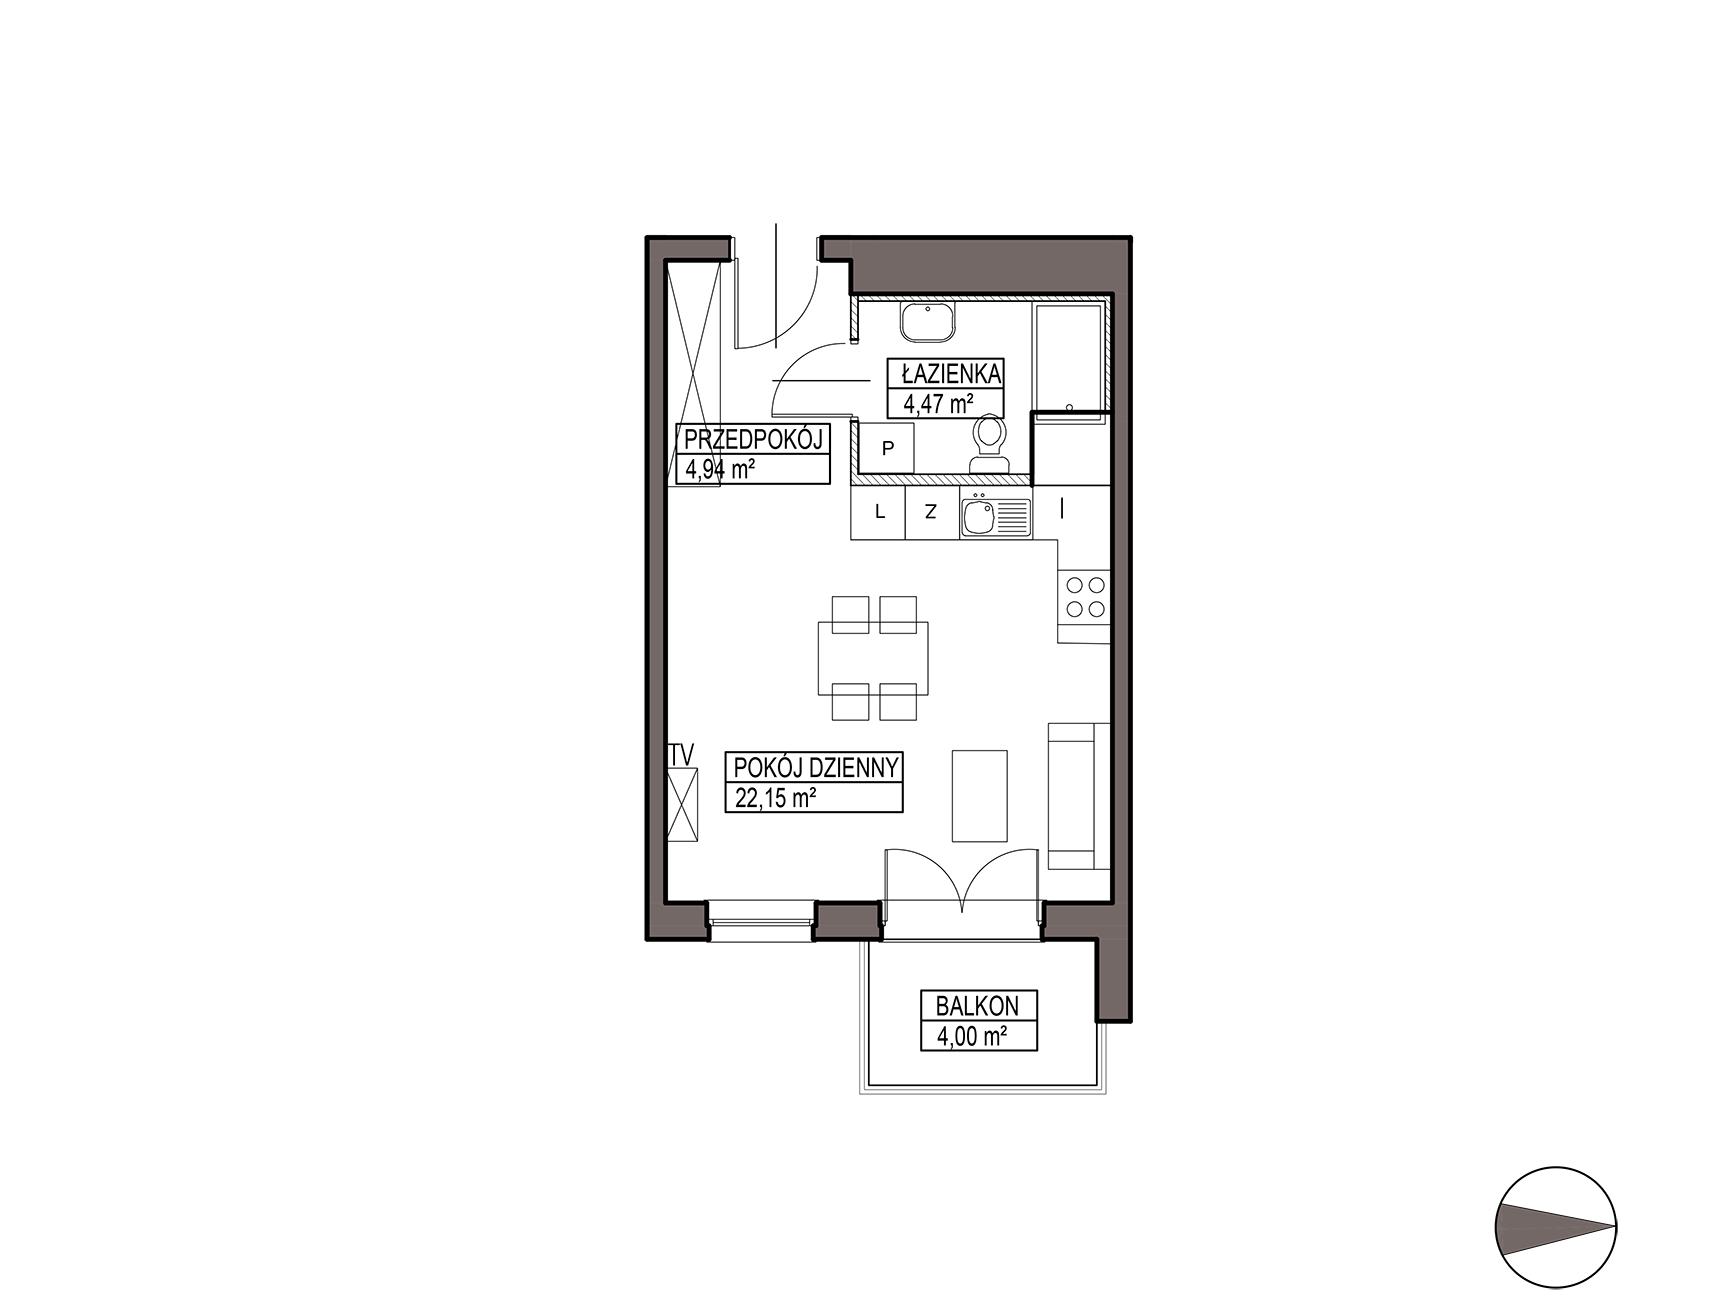 Uroczysko III / budynek 5 / mieszkanie G/2/44 rzut 1